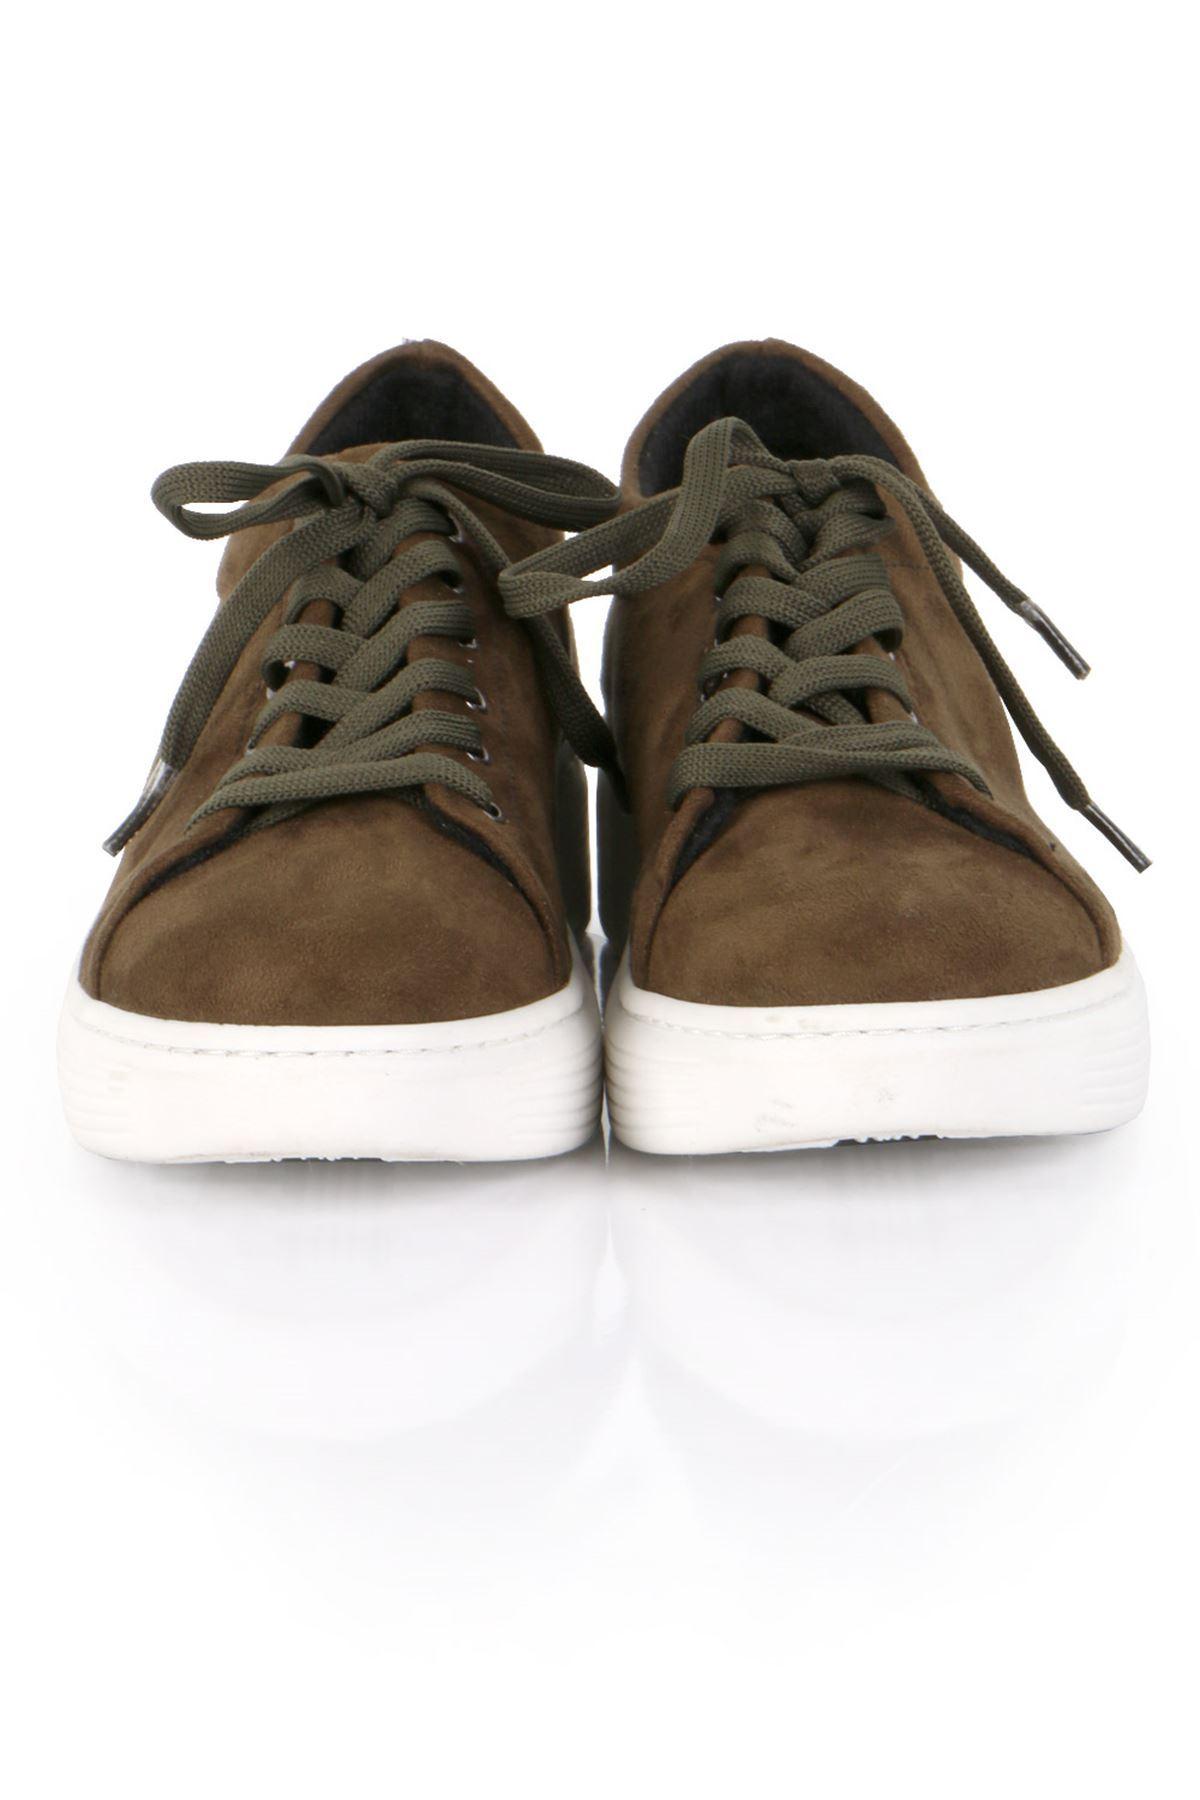 Haki Süet Bağcıklı Spor Sneaker Ayakkabı